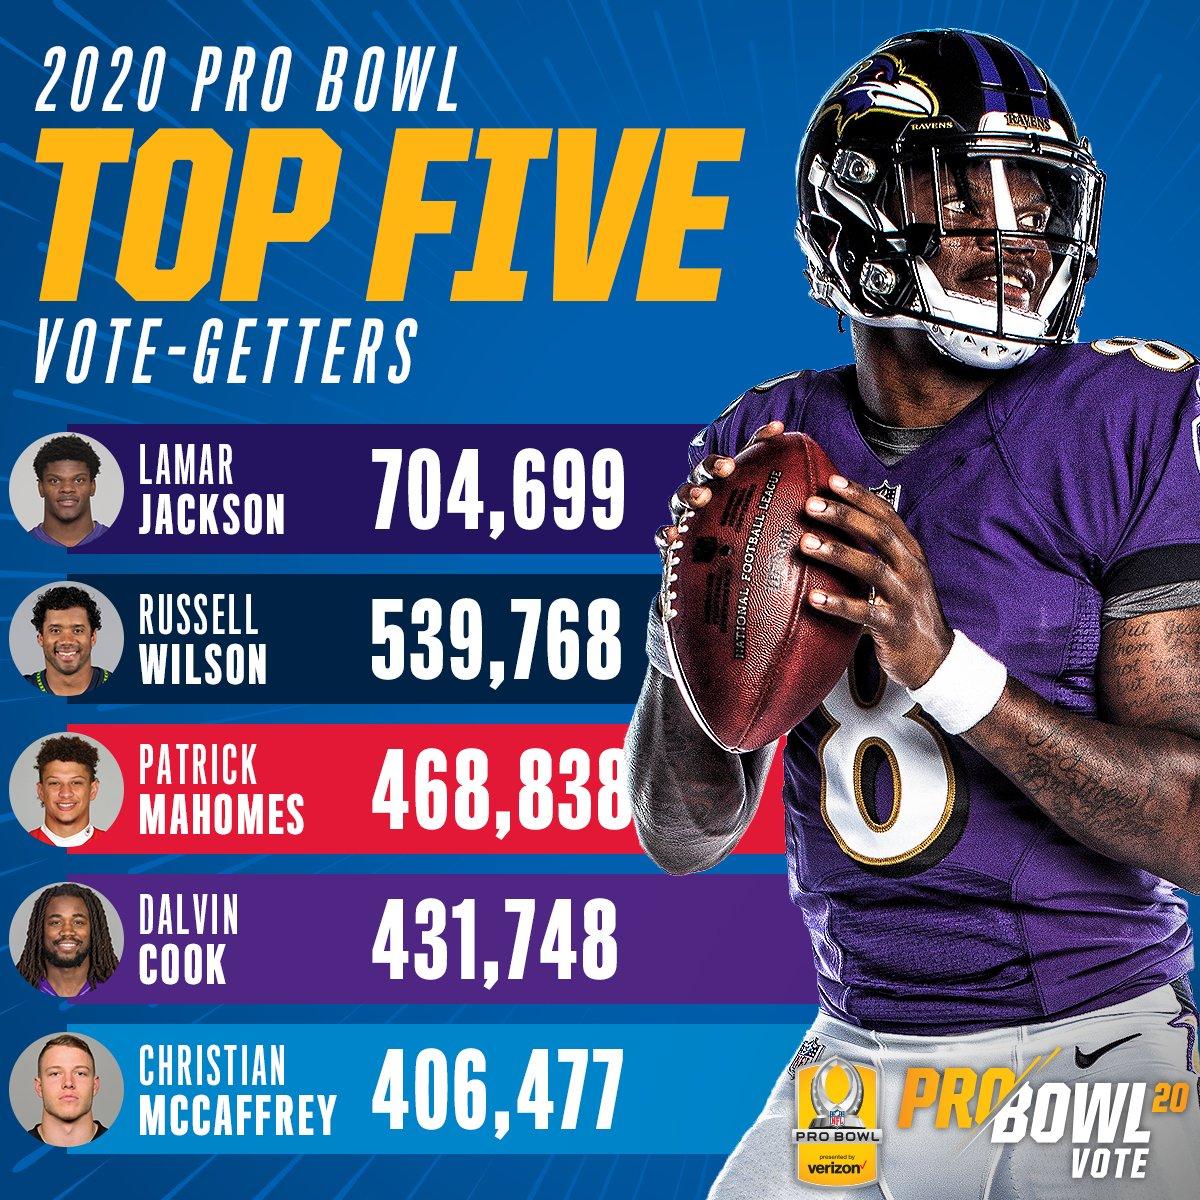 I 5 più votati per il Pro Bowl